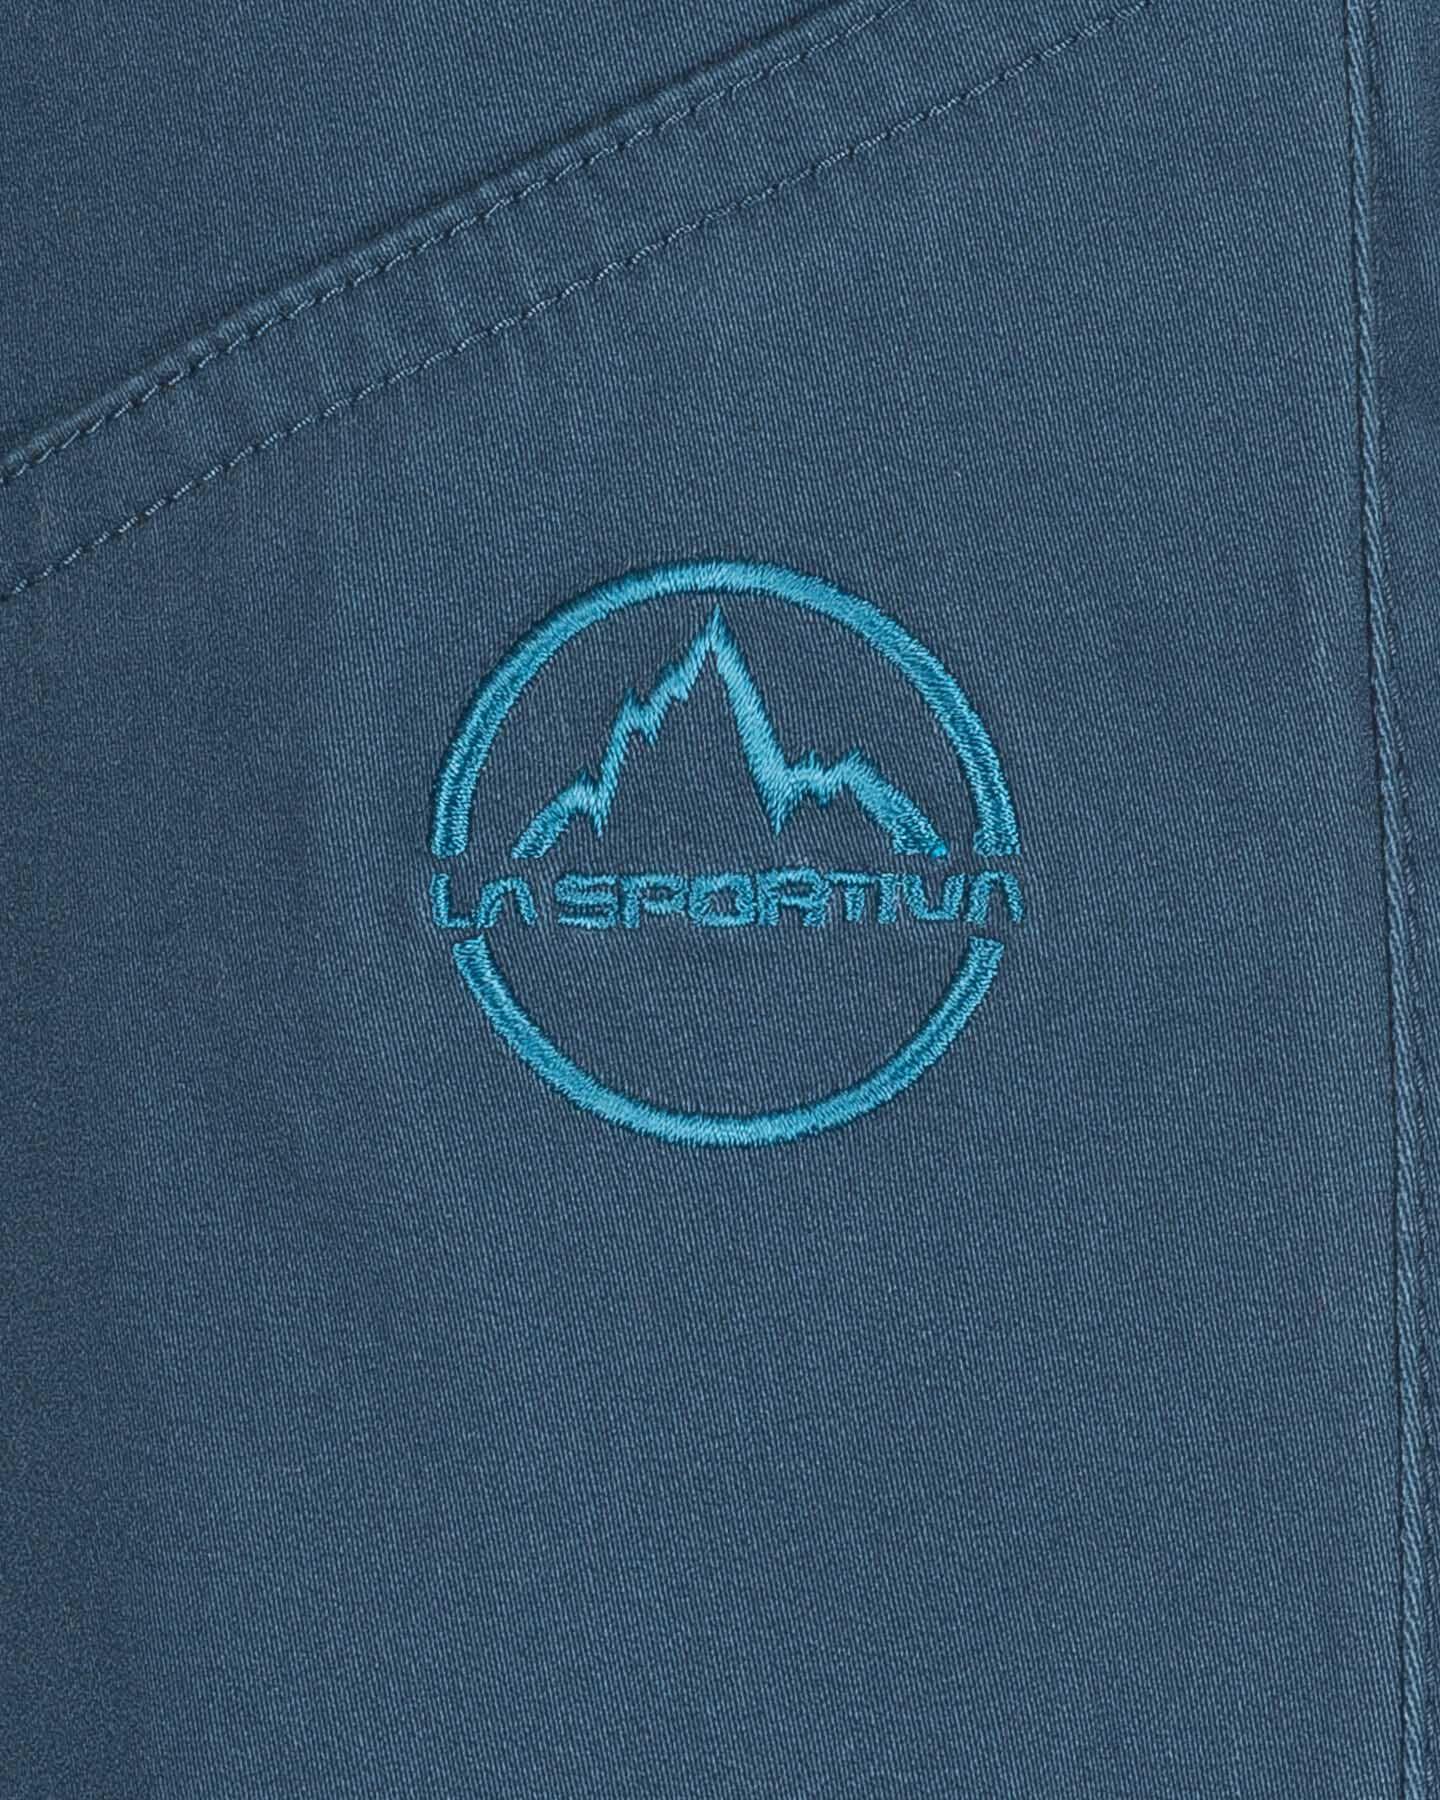 Pantaloncini LA SPORTIVA FLATANGER M S5198545 scatto 2